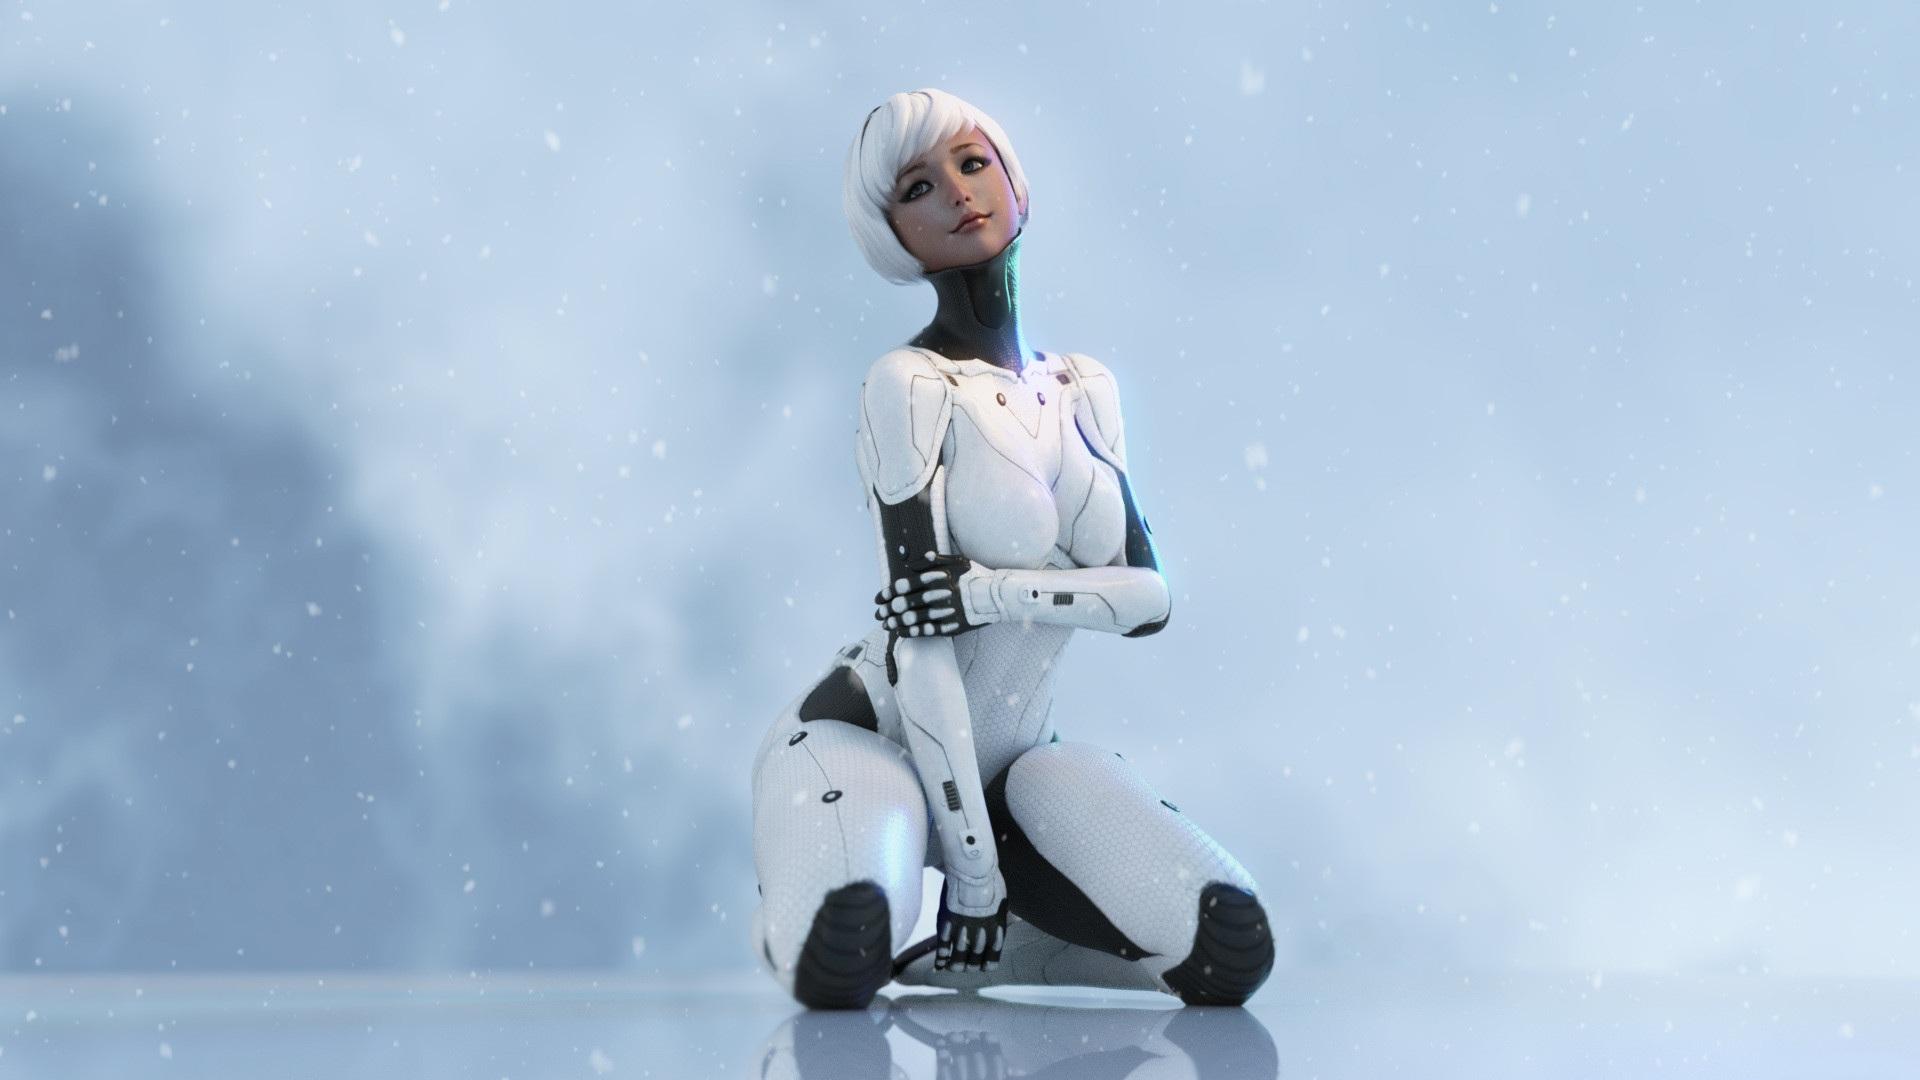 Sci Fi Cyberpunk 1920x1080